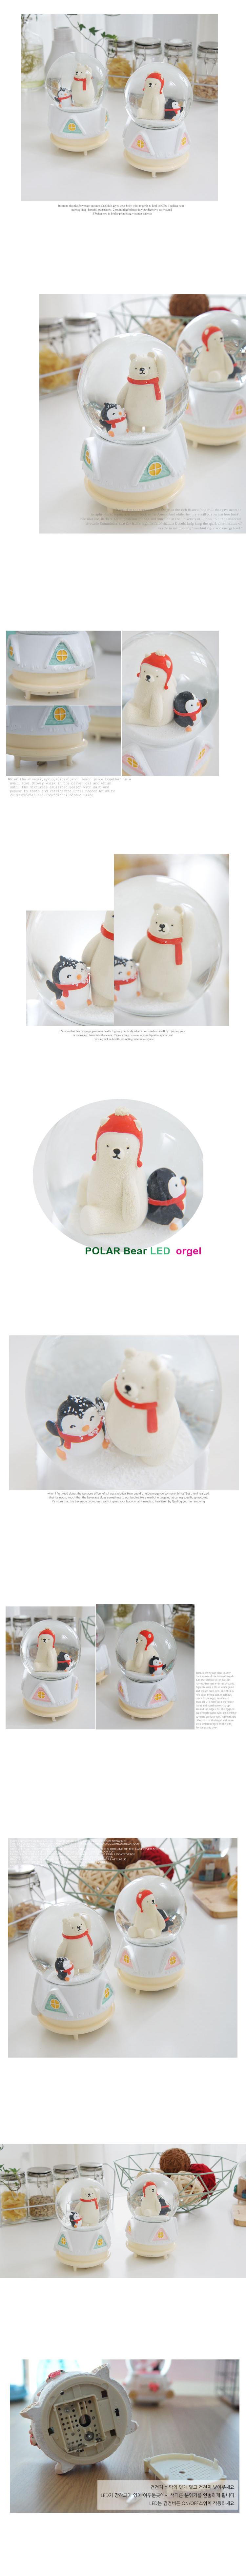 LED 폴라베어 워터볼 오르골 생일선물 인테리어 소품 - 리빙톡톡, 20,000원, 장식소품, 오르골